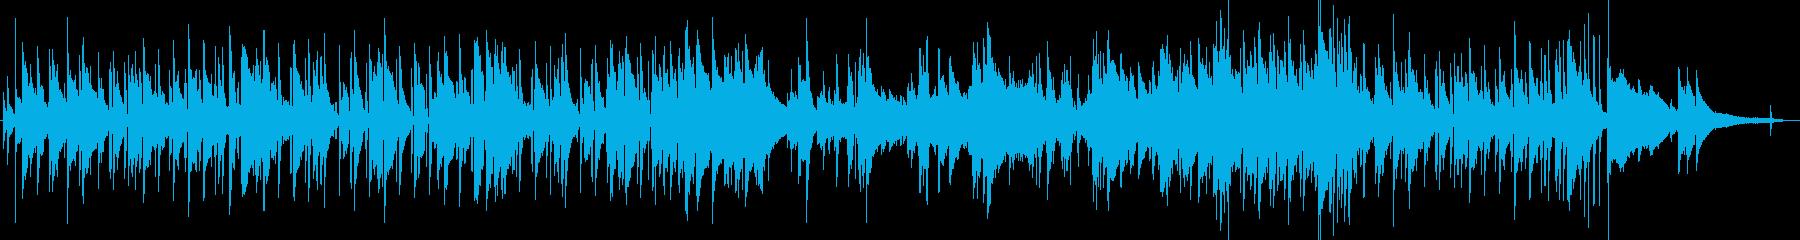 カフェ ボサノバ ピアノ おしゃれの再生済みの波形